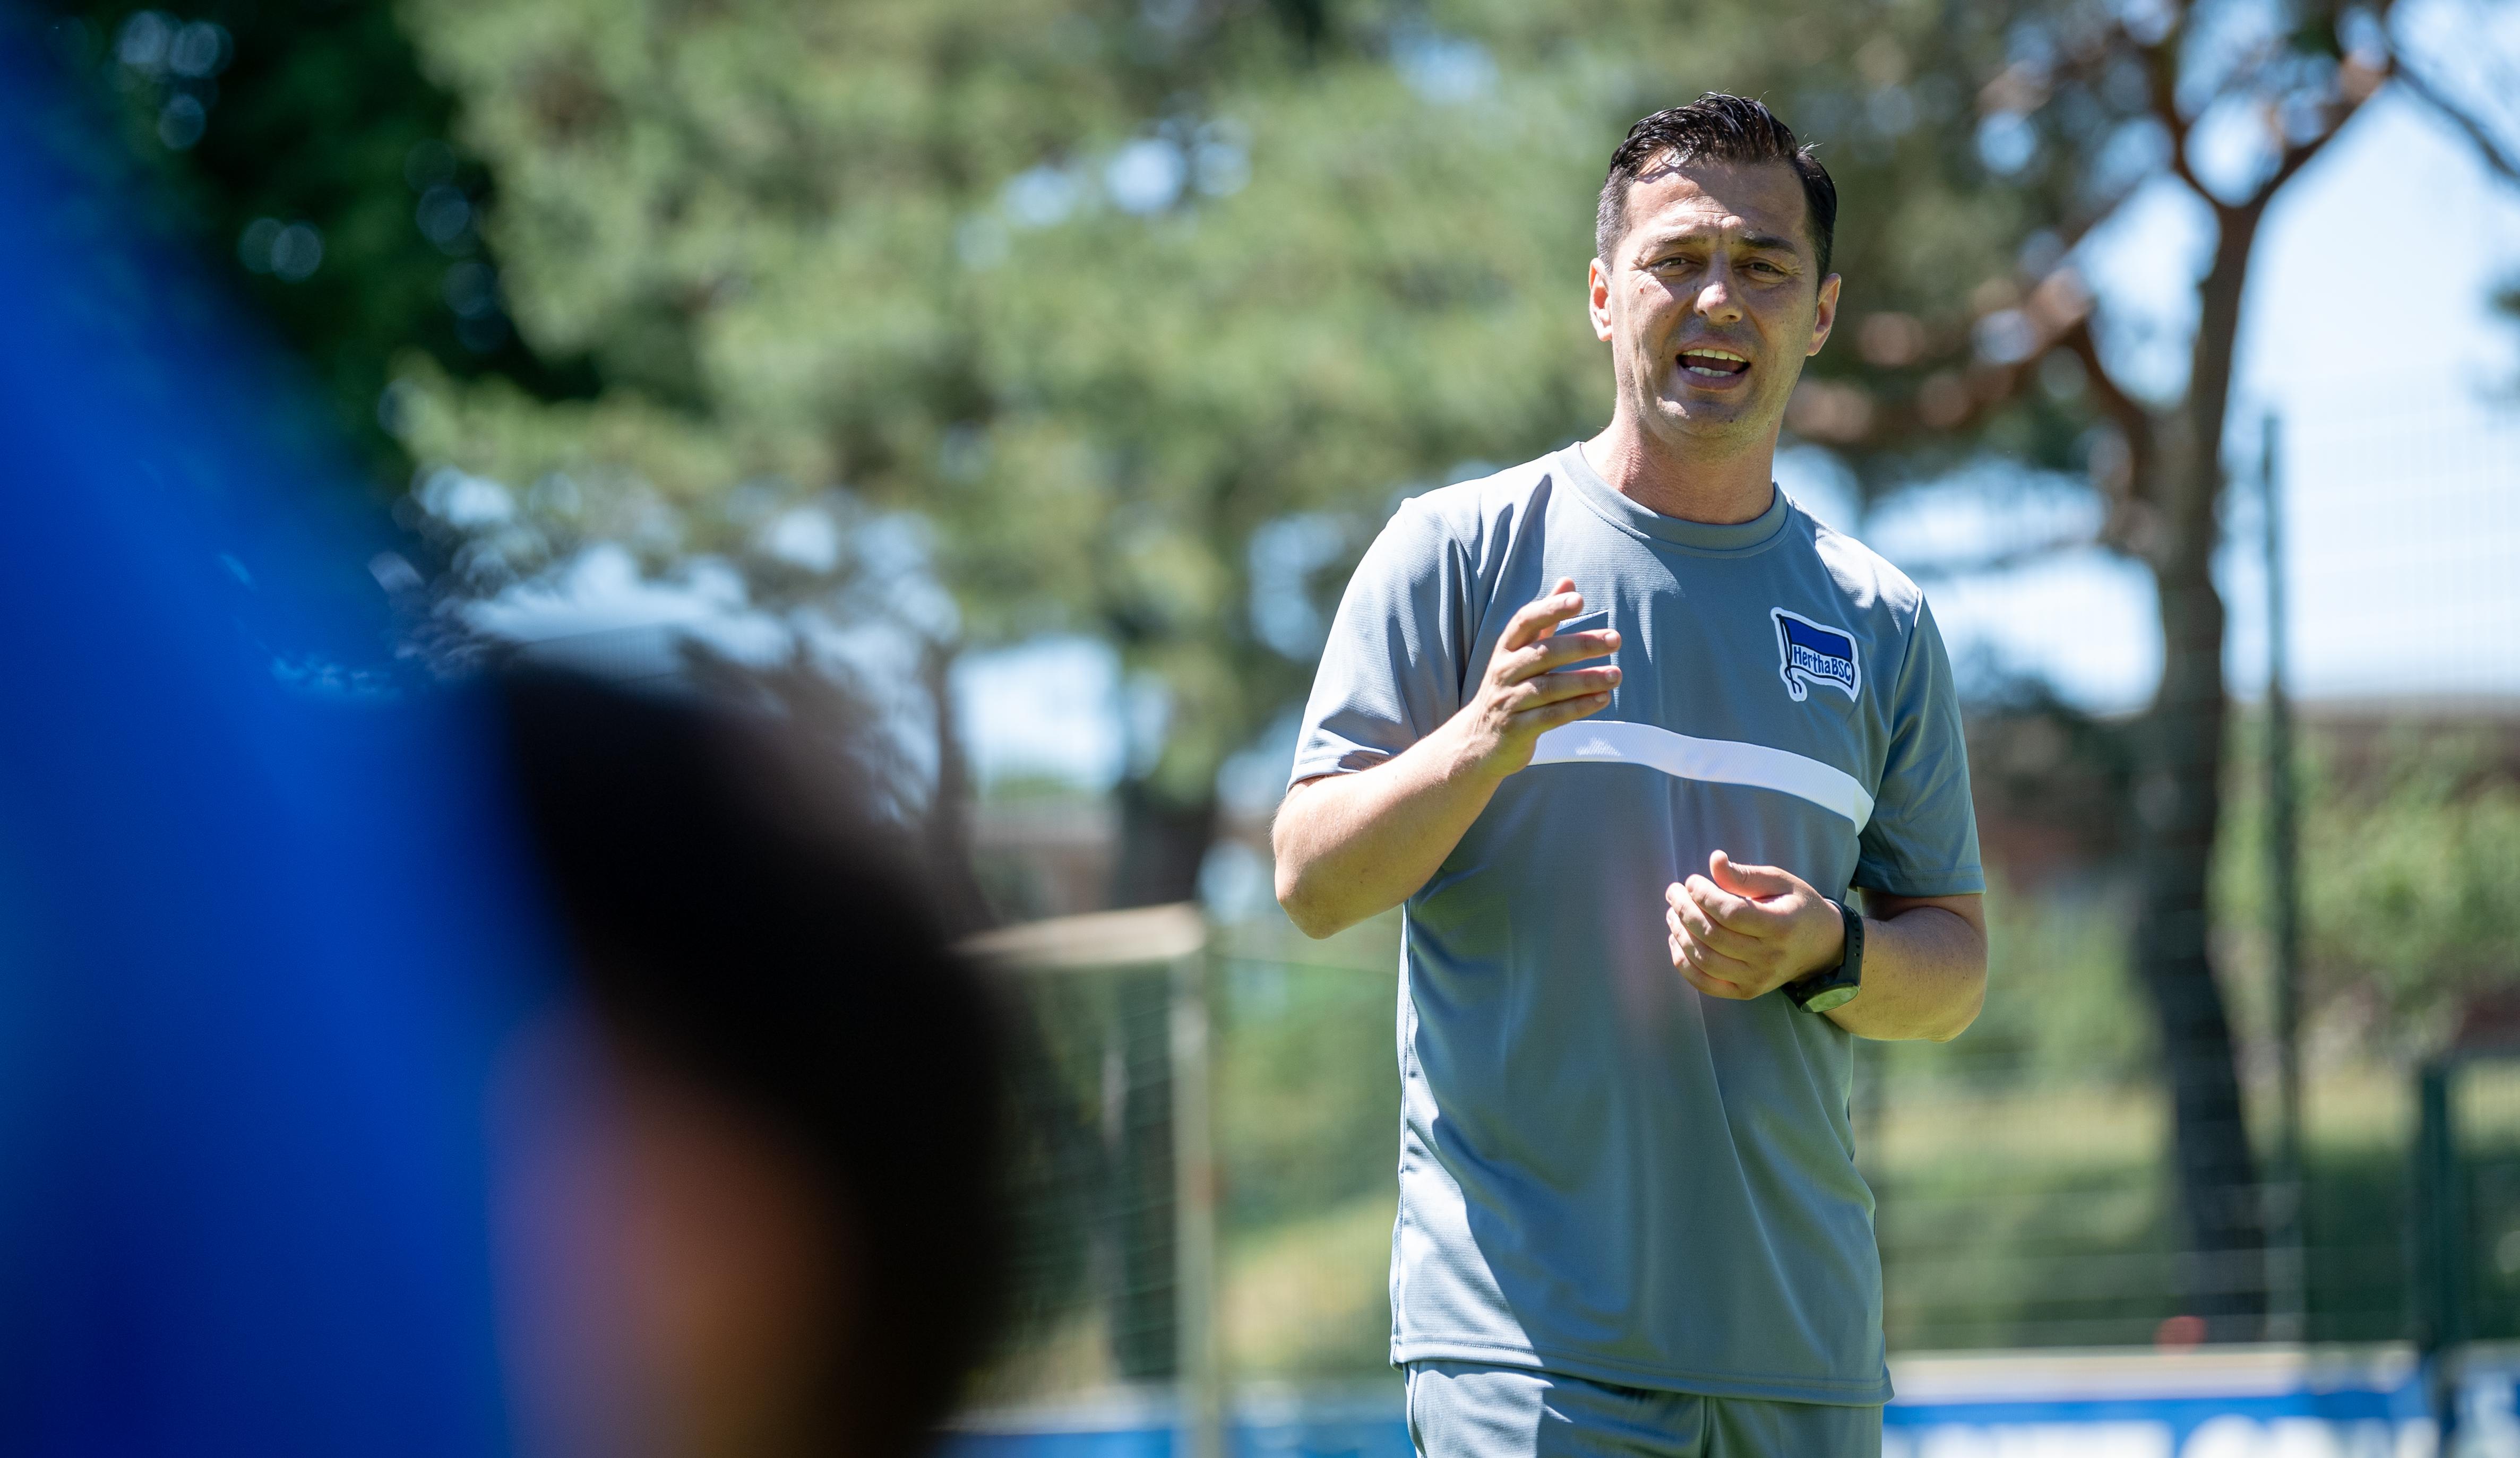 Ante Čović bei der Trainingsansprache